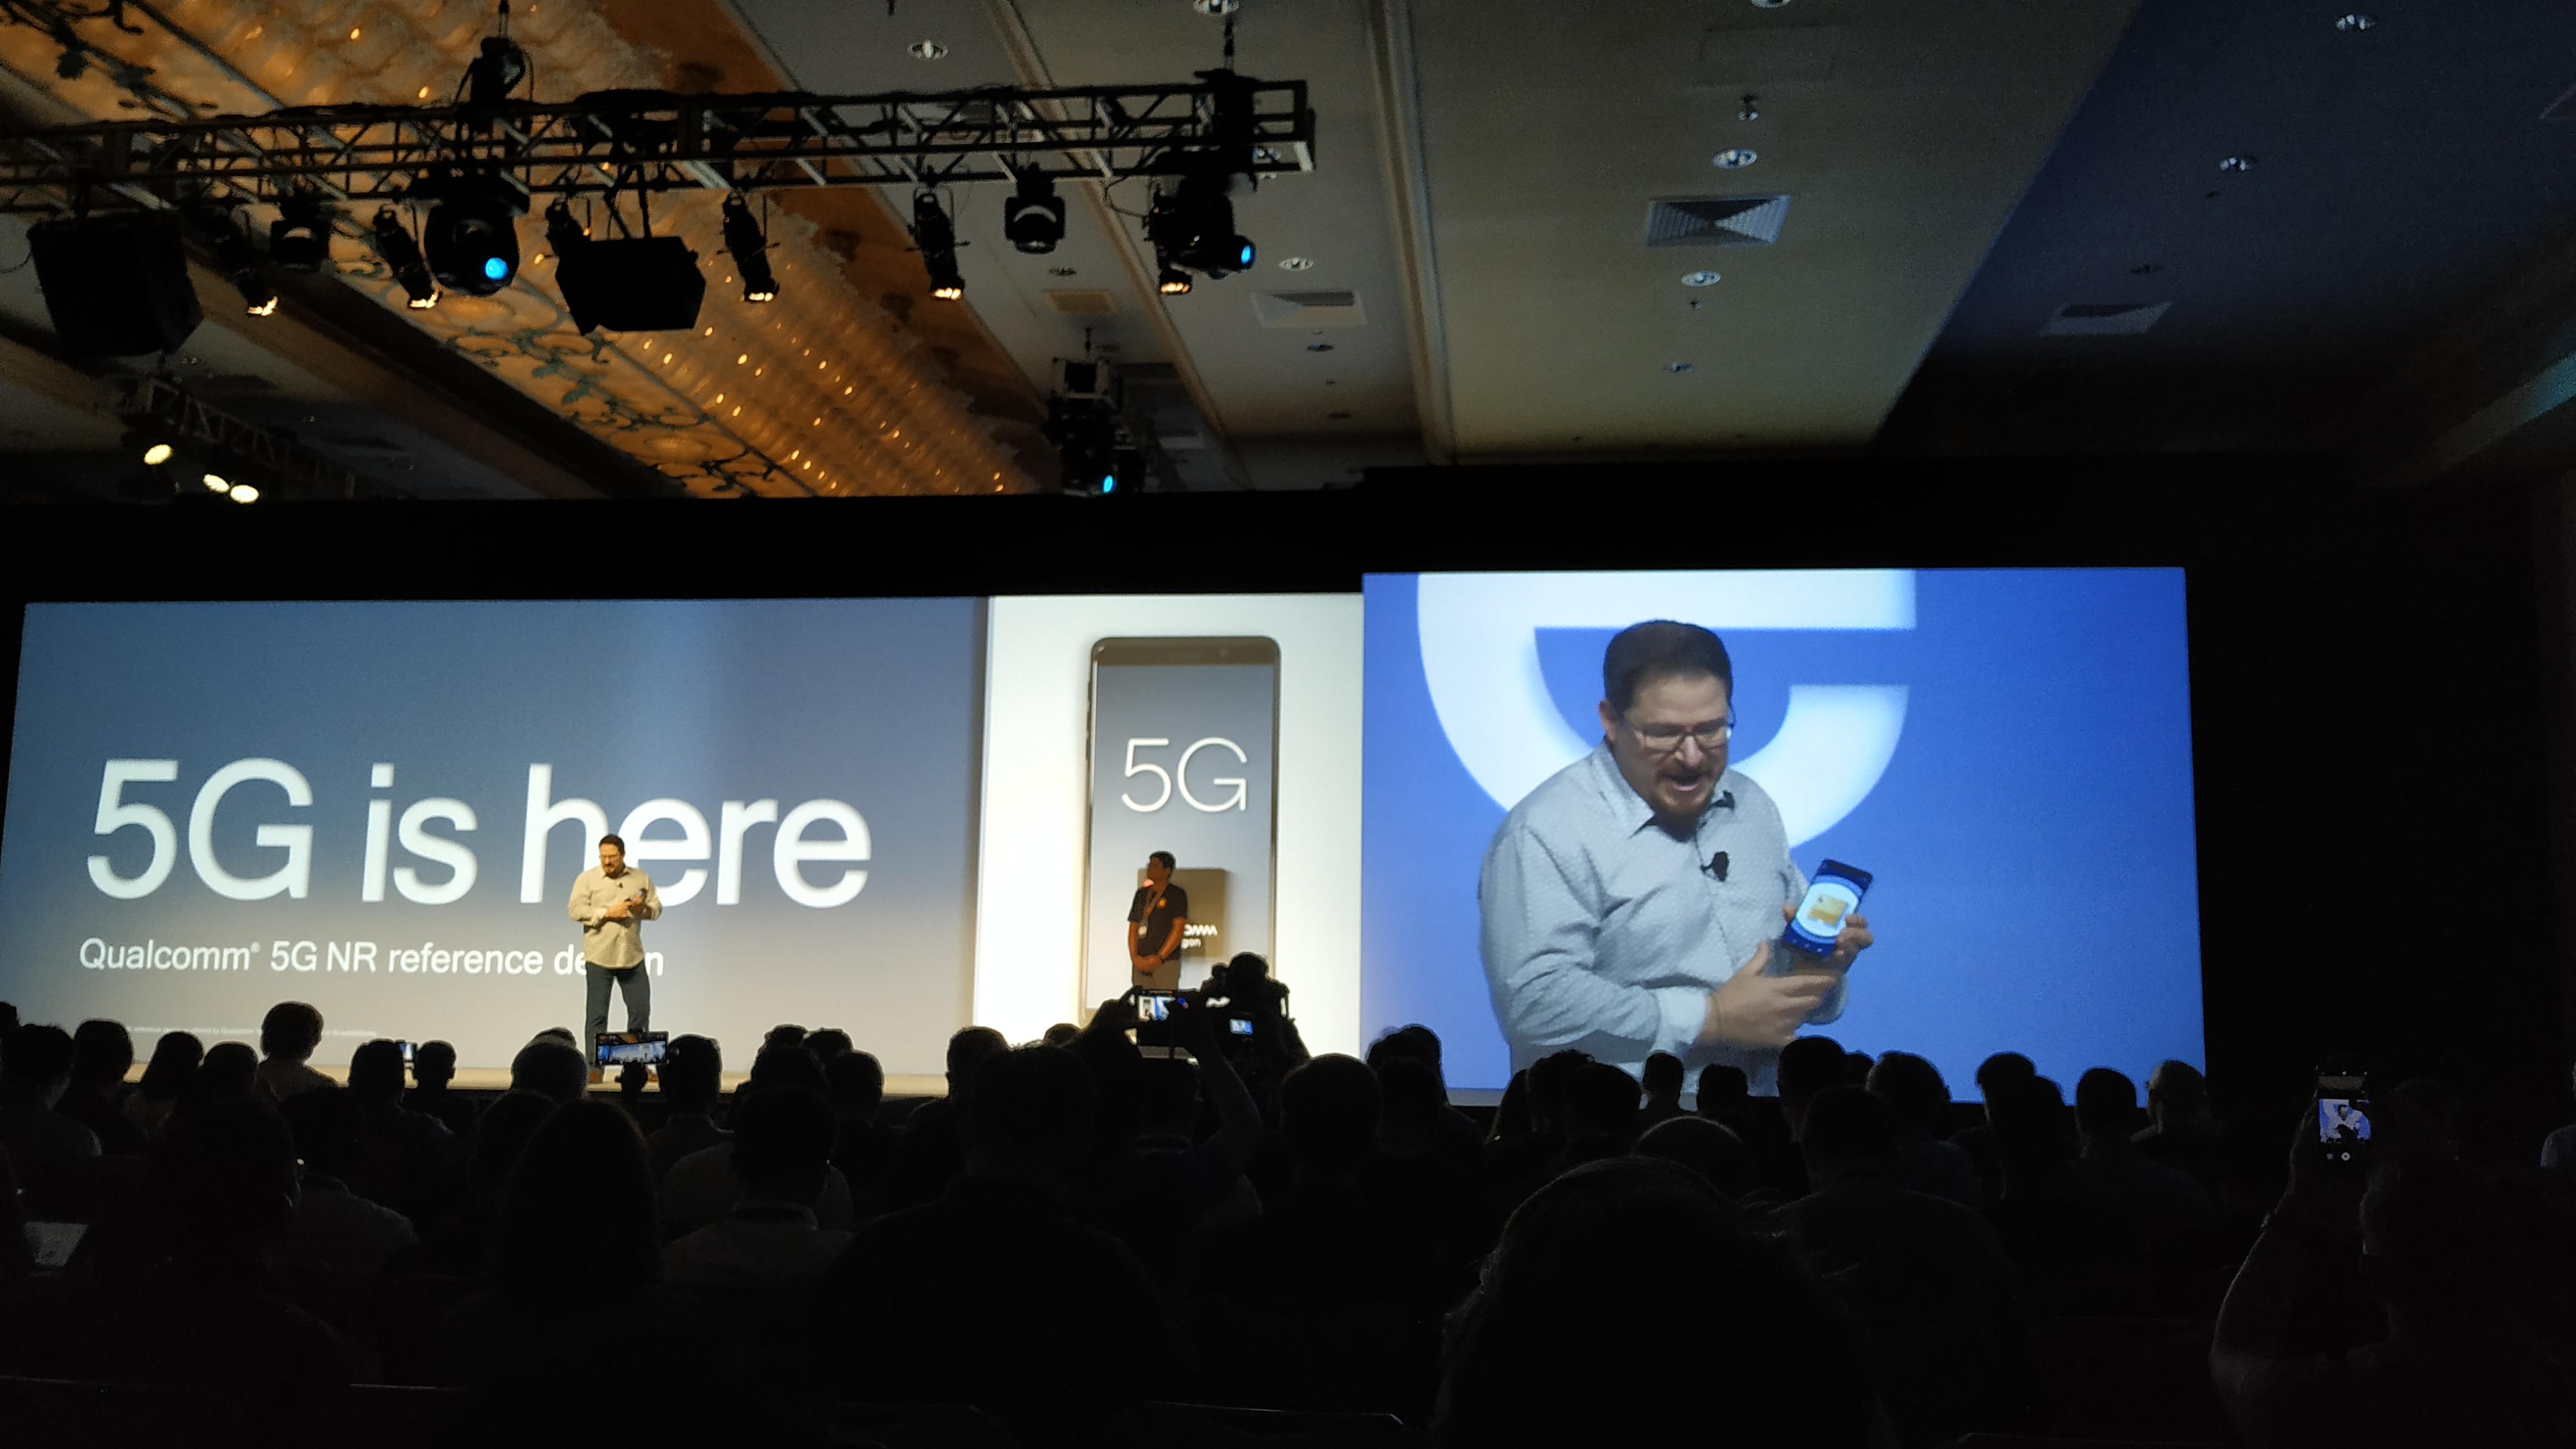 高通与诺基亚完成5G通话测试 备战2019年5G商用